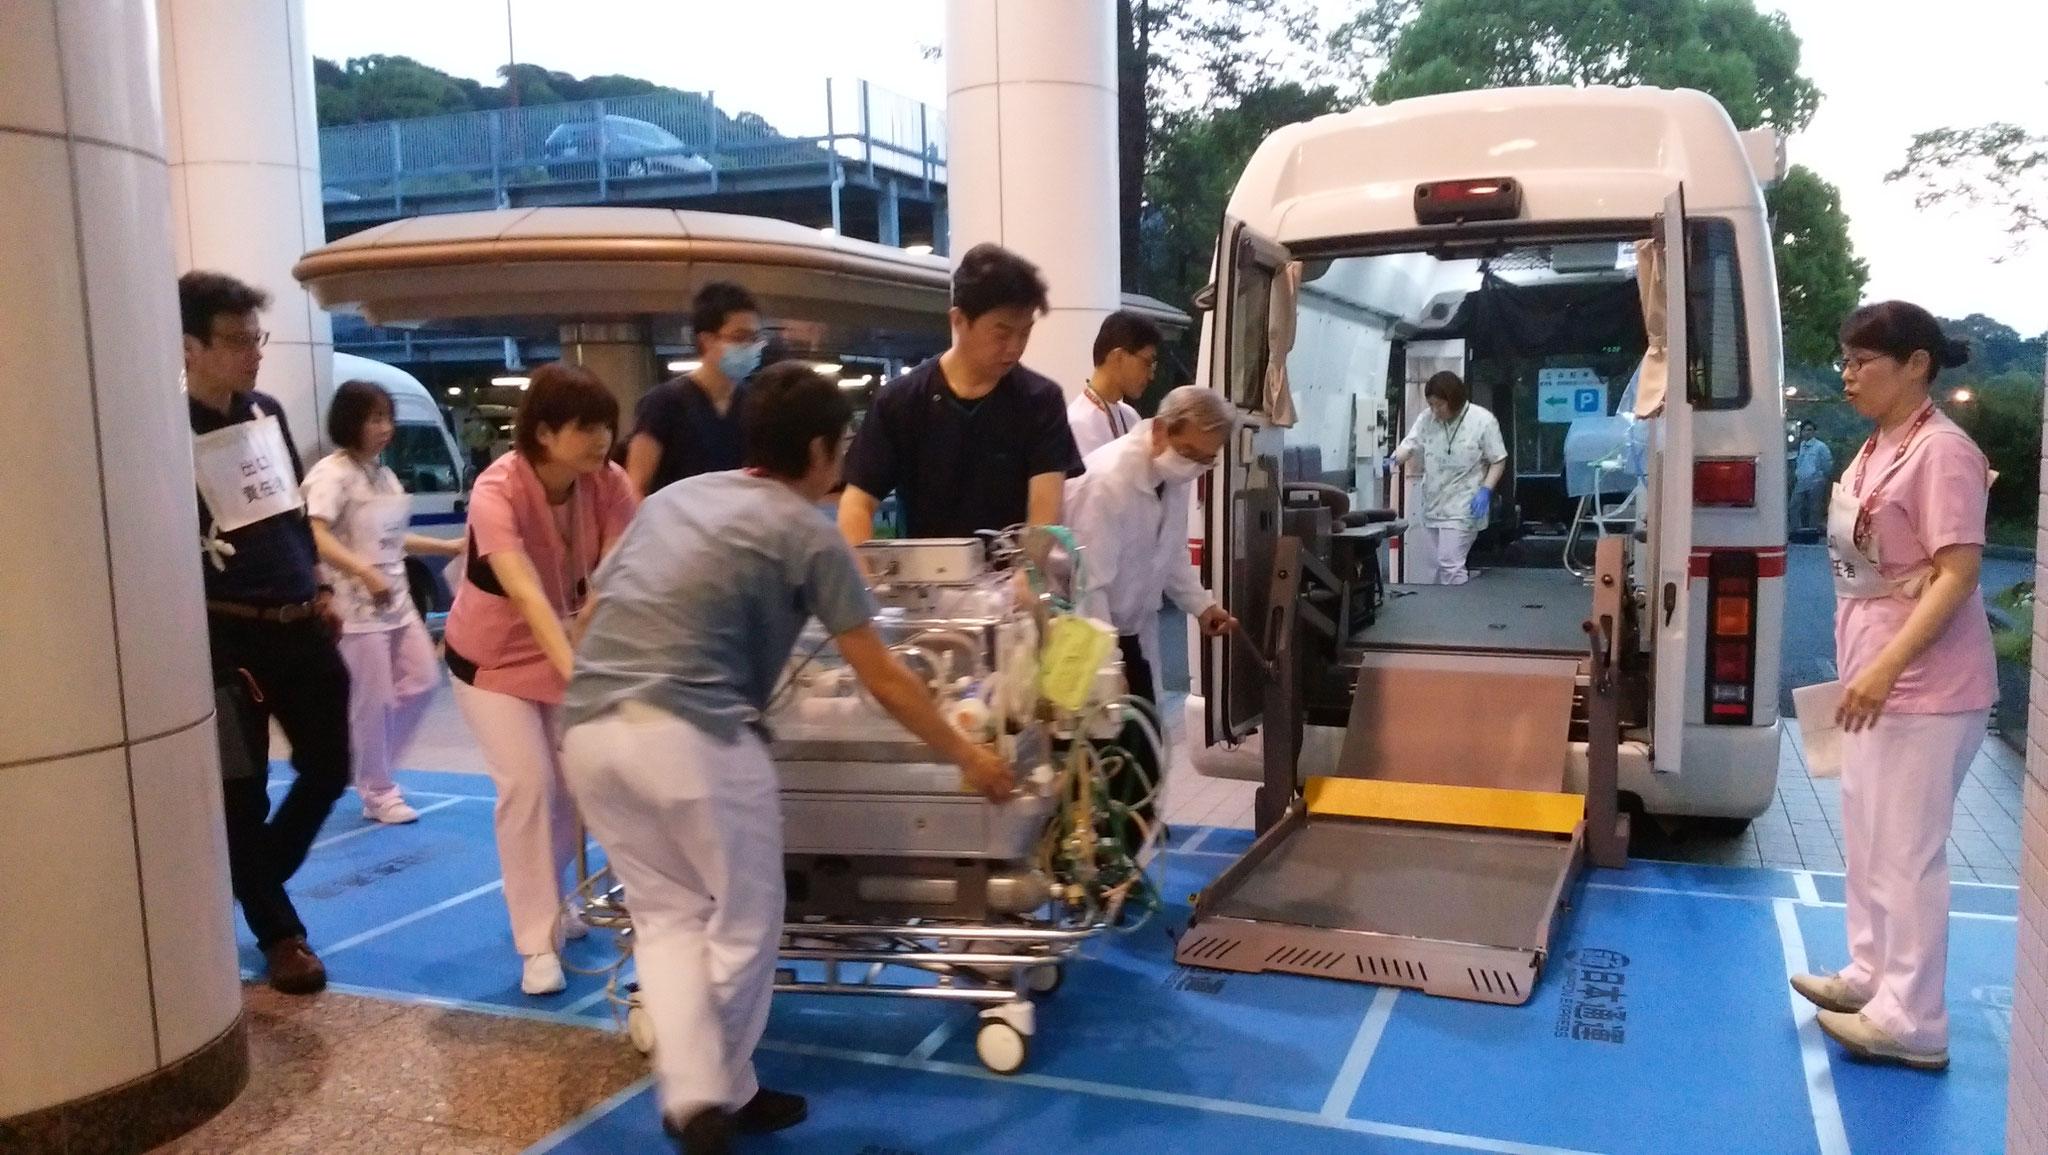 兵庫県立こども病院のドクターカーへ乗車中